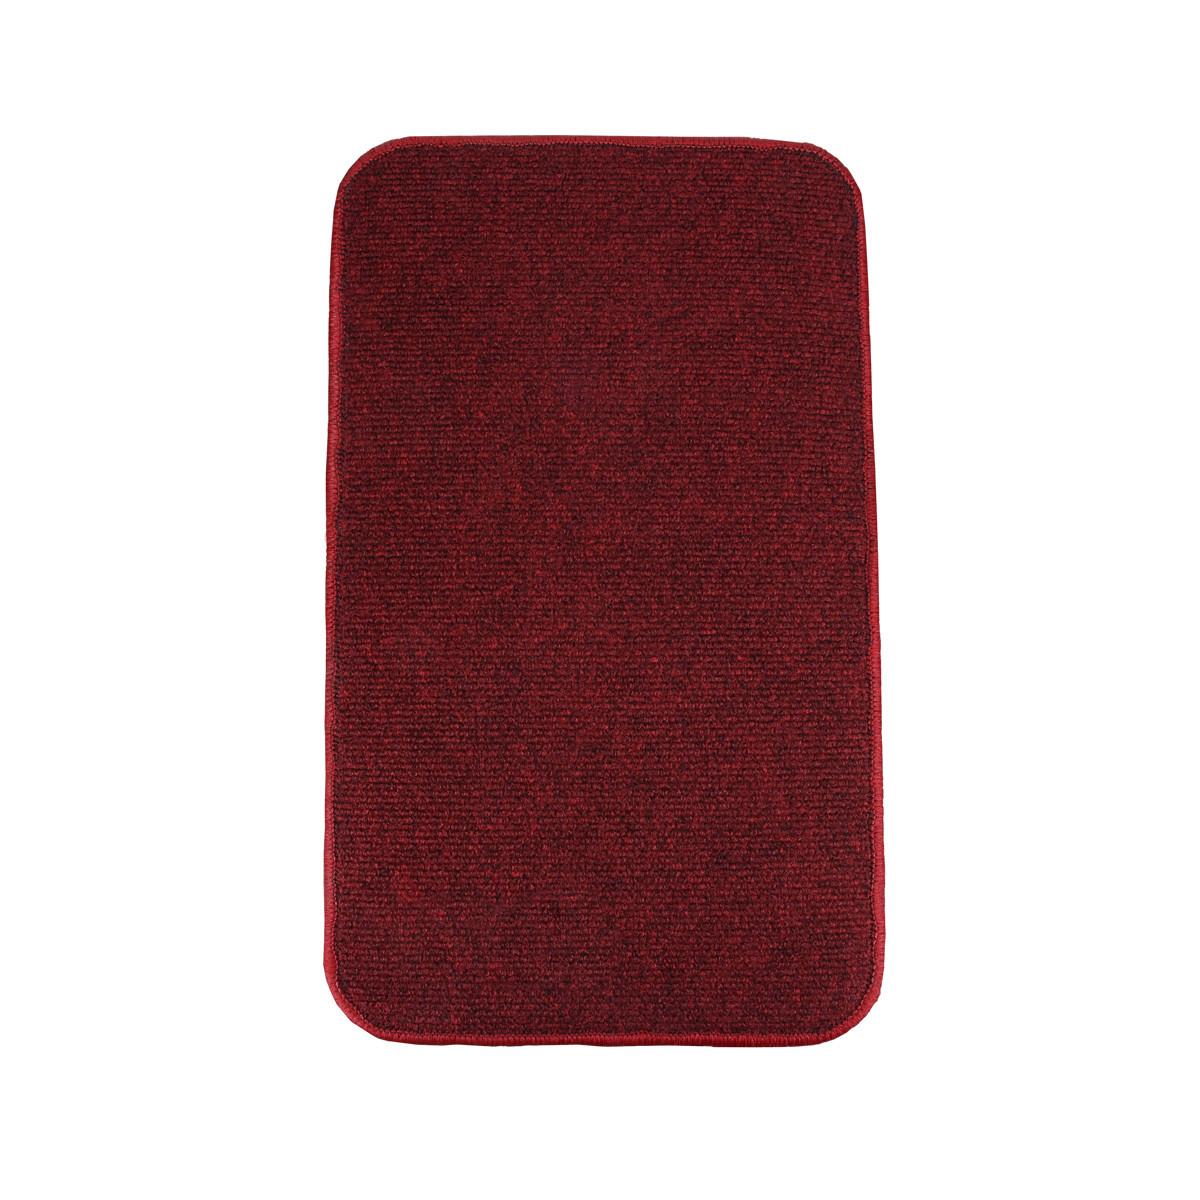 Электрический коврик с подогревом Теплик с термоизоляцией 100 х 150 см Темно-красный